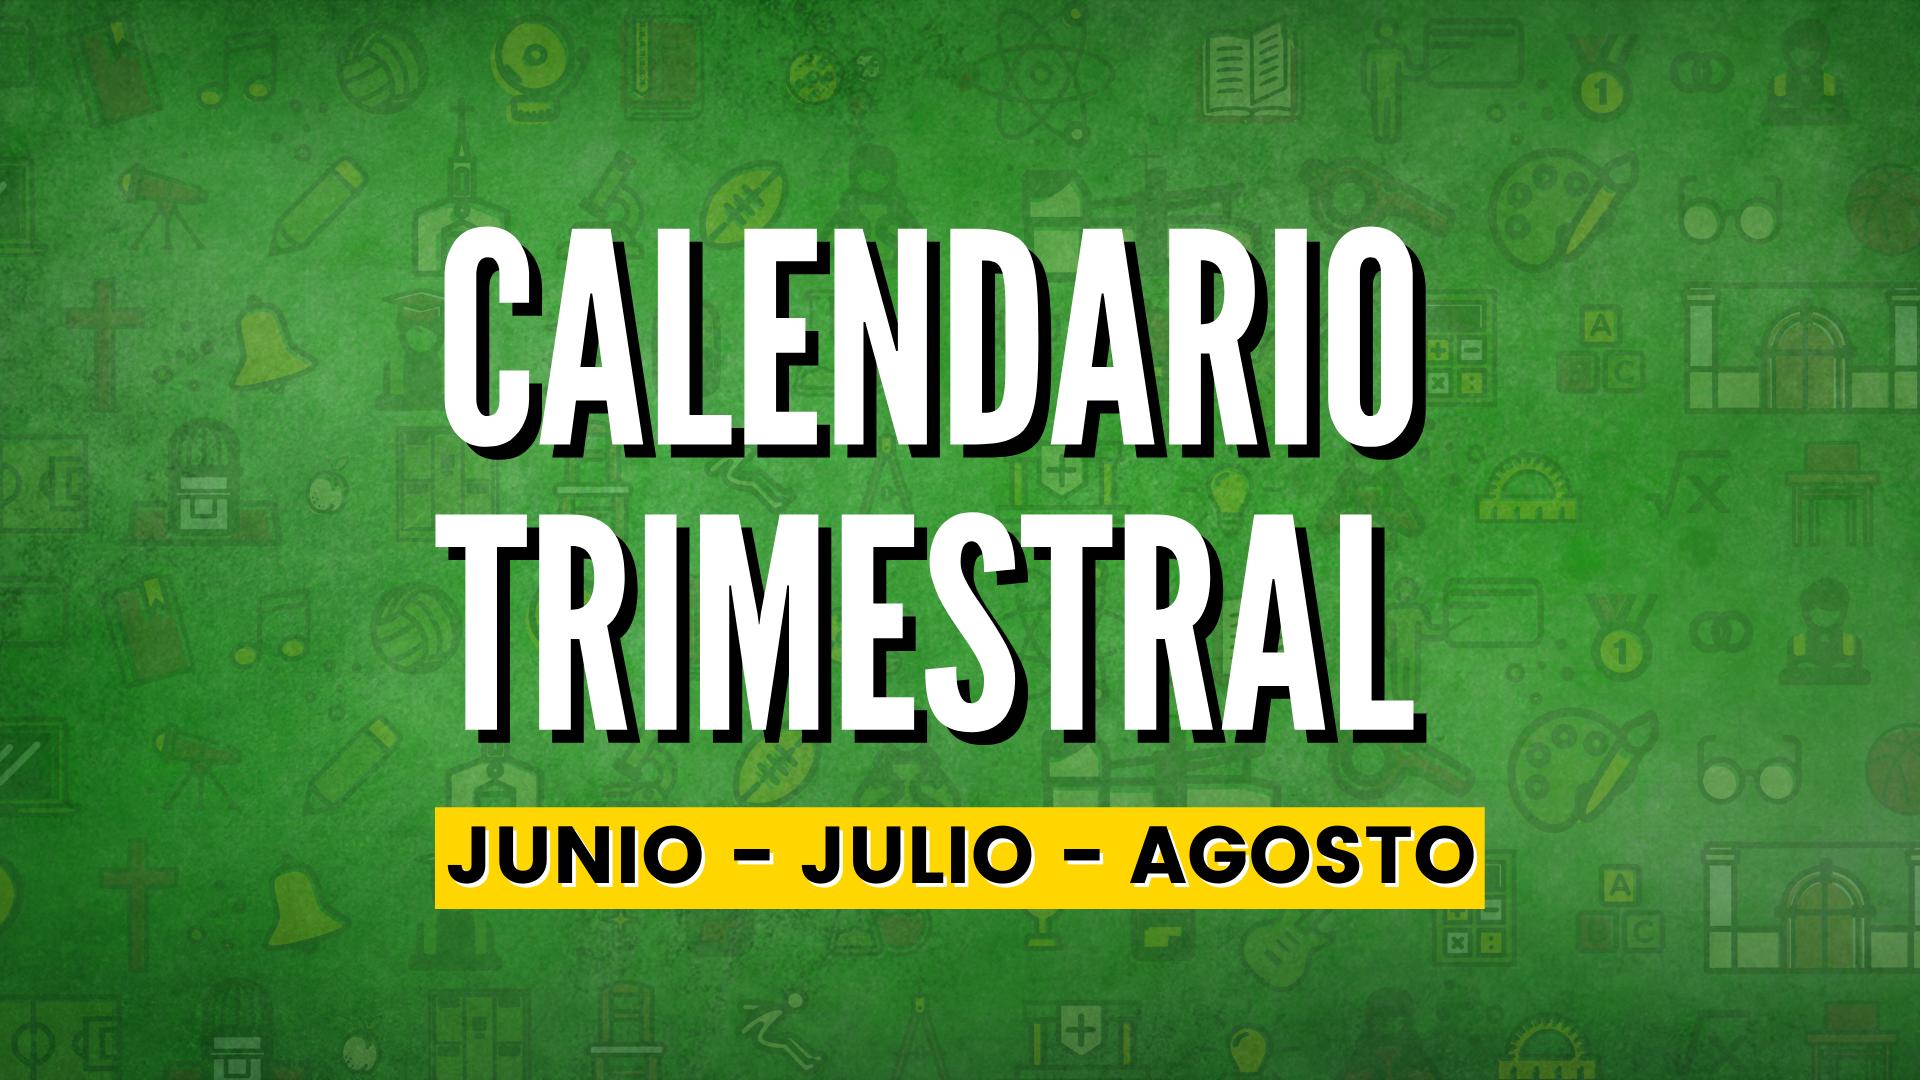 CALENDARIO TRIMESTRAL JUN-JUL-AGO